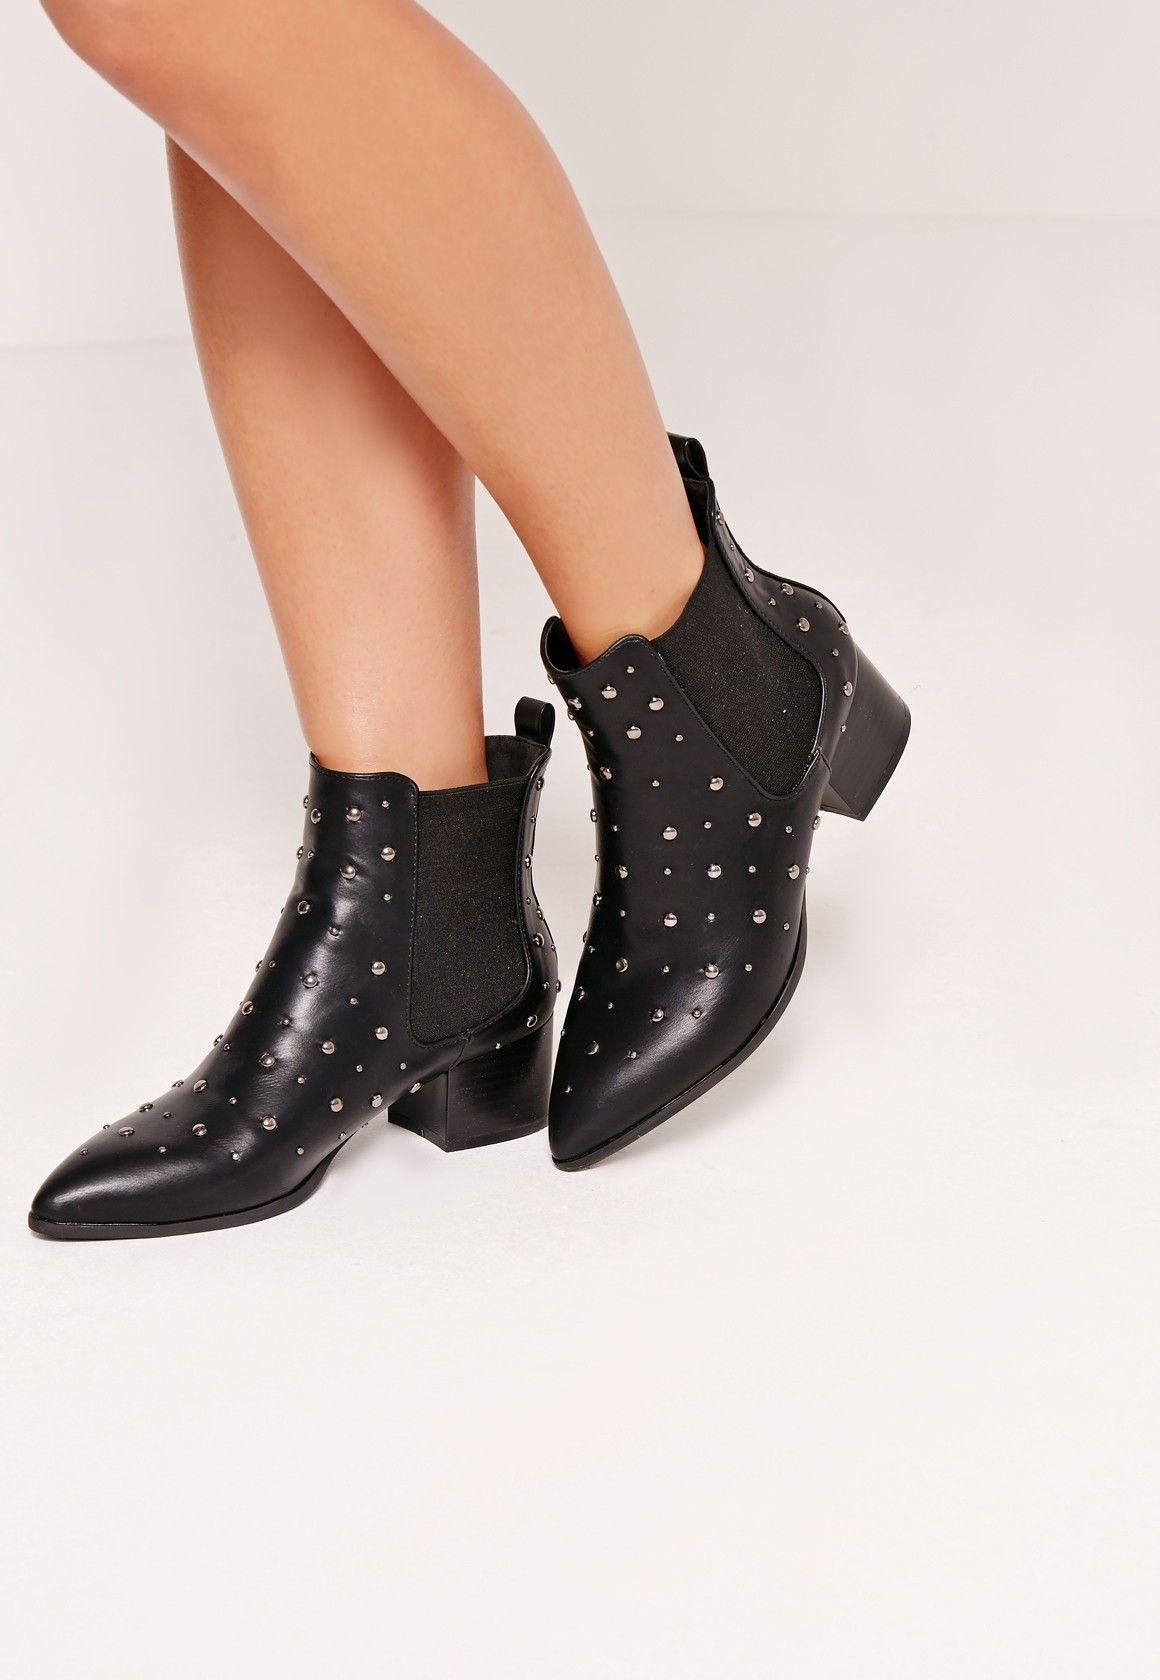 Missguided - Bottines pointues noires cloutées   Boots en 2018   Pinterest    Chaussure, Soulier et Bottines 99a9d6571ecc